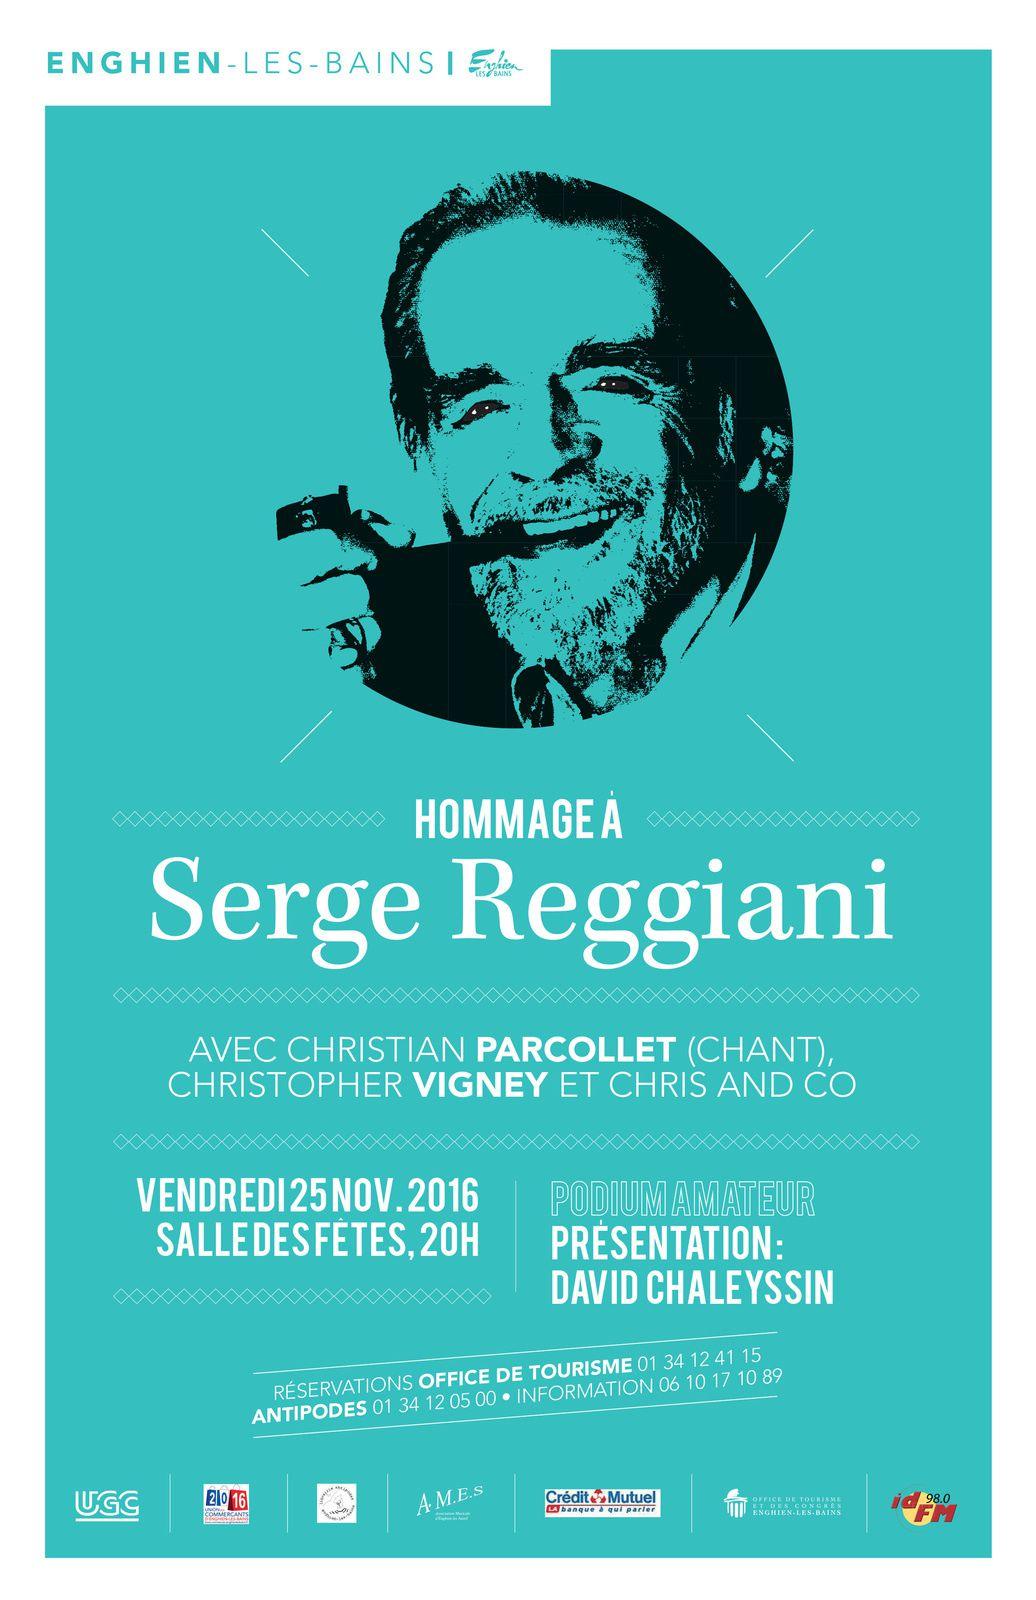 Novembre 2016 – Enghien-les-Bains Hommage à Serge Reggiani.